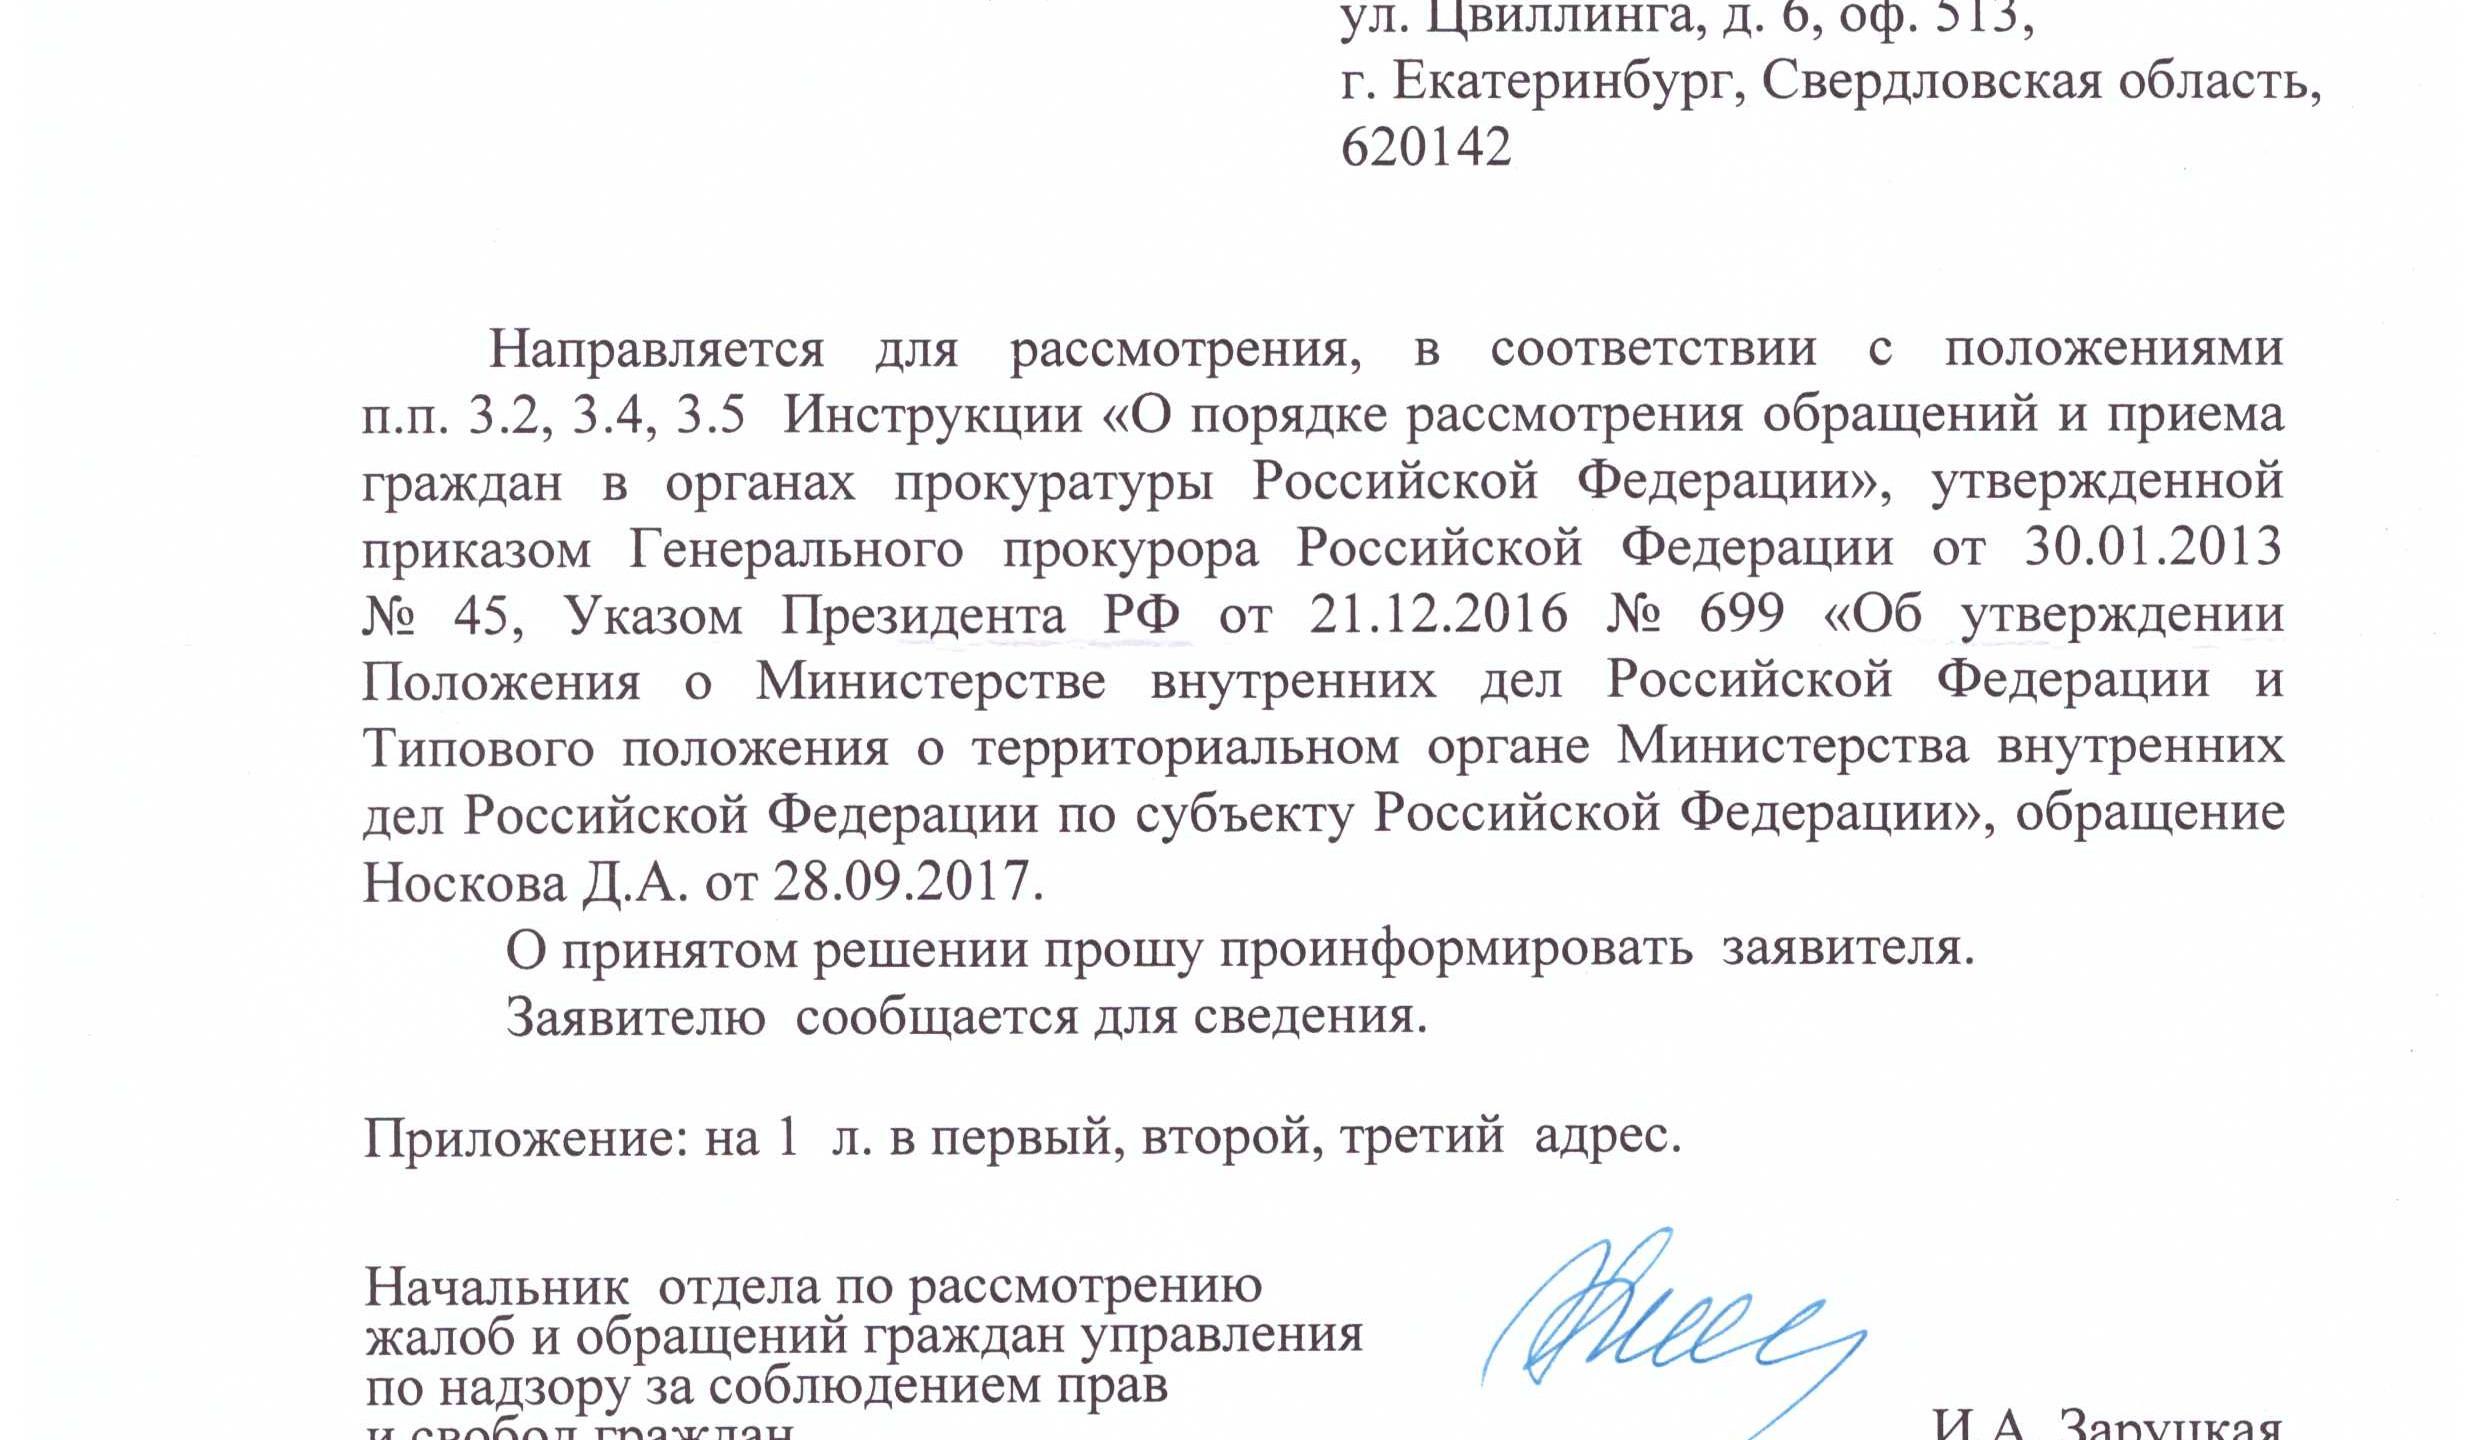 ответ из Генеральной прокуратуры РФ